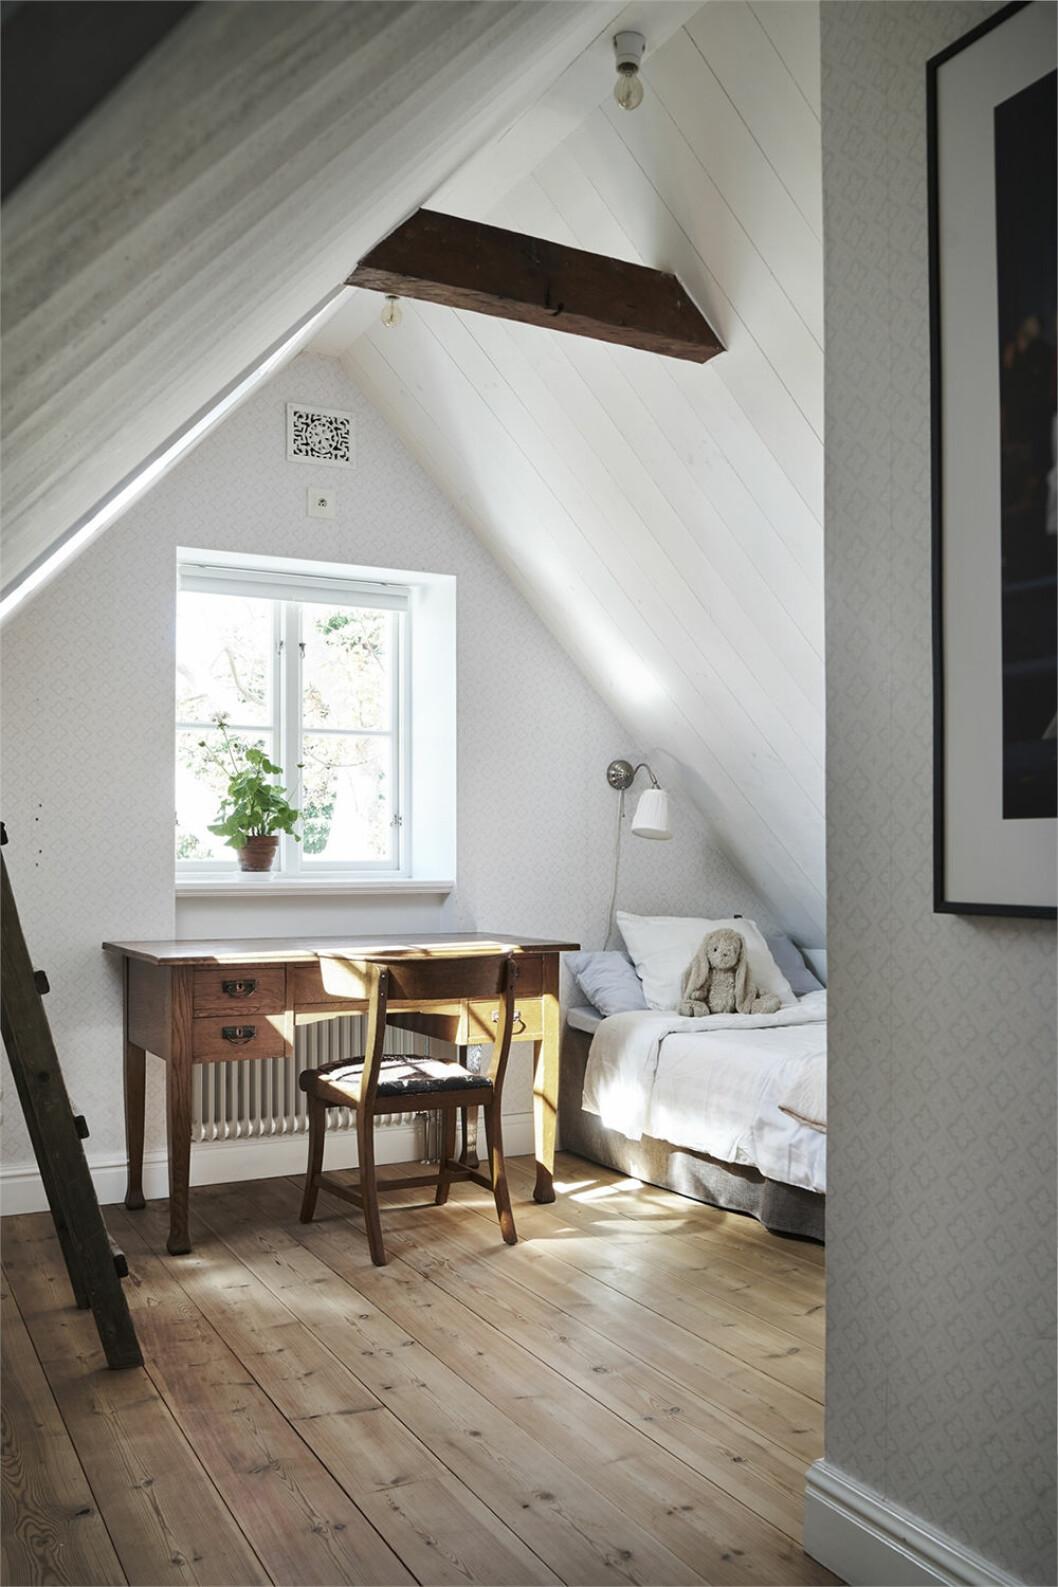 sovrum med arbetsplats vid fönster